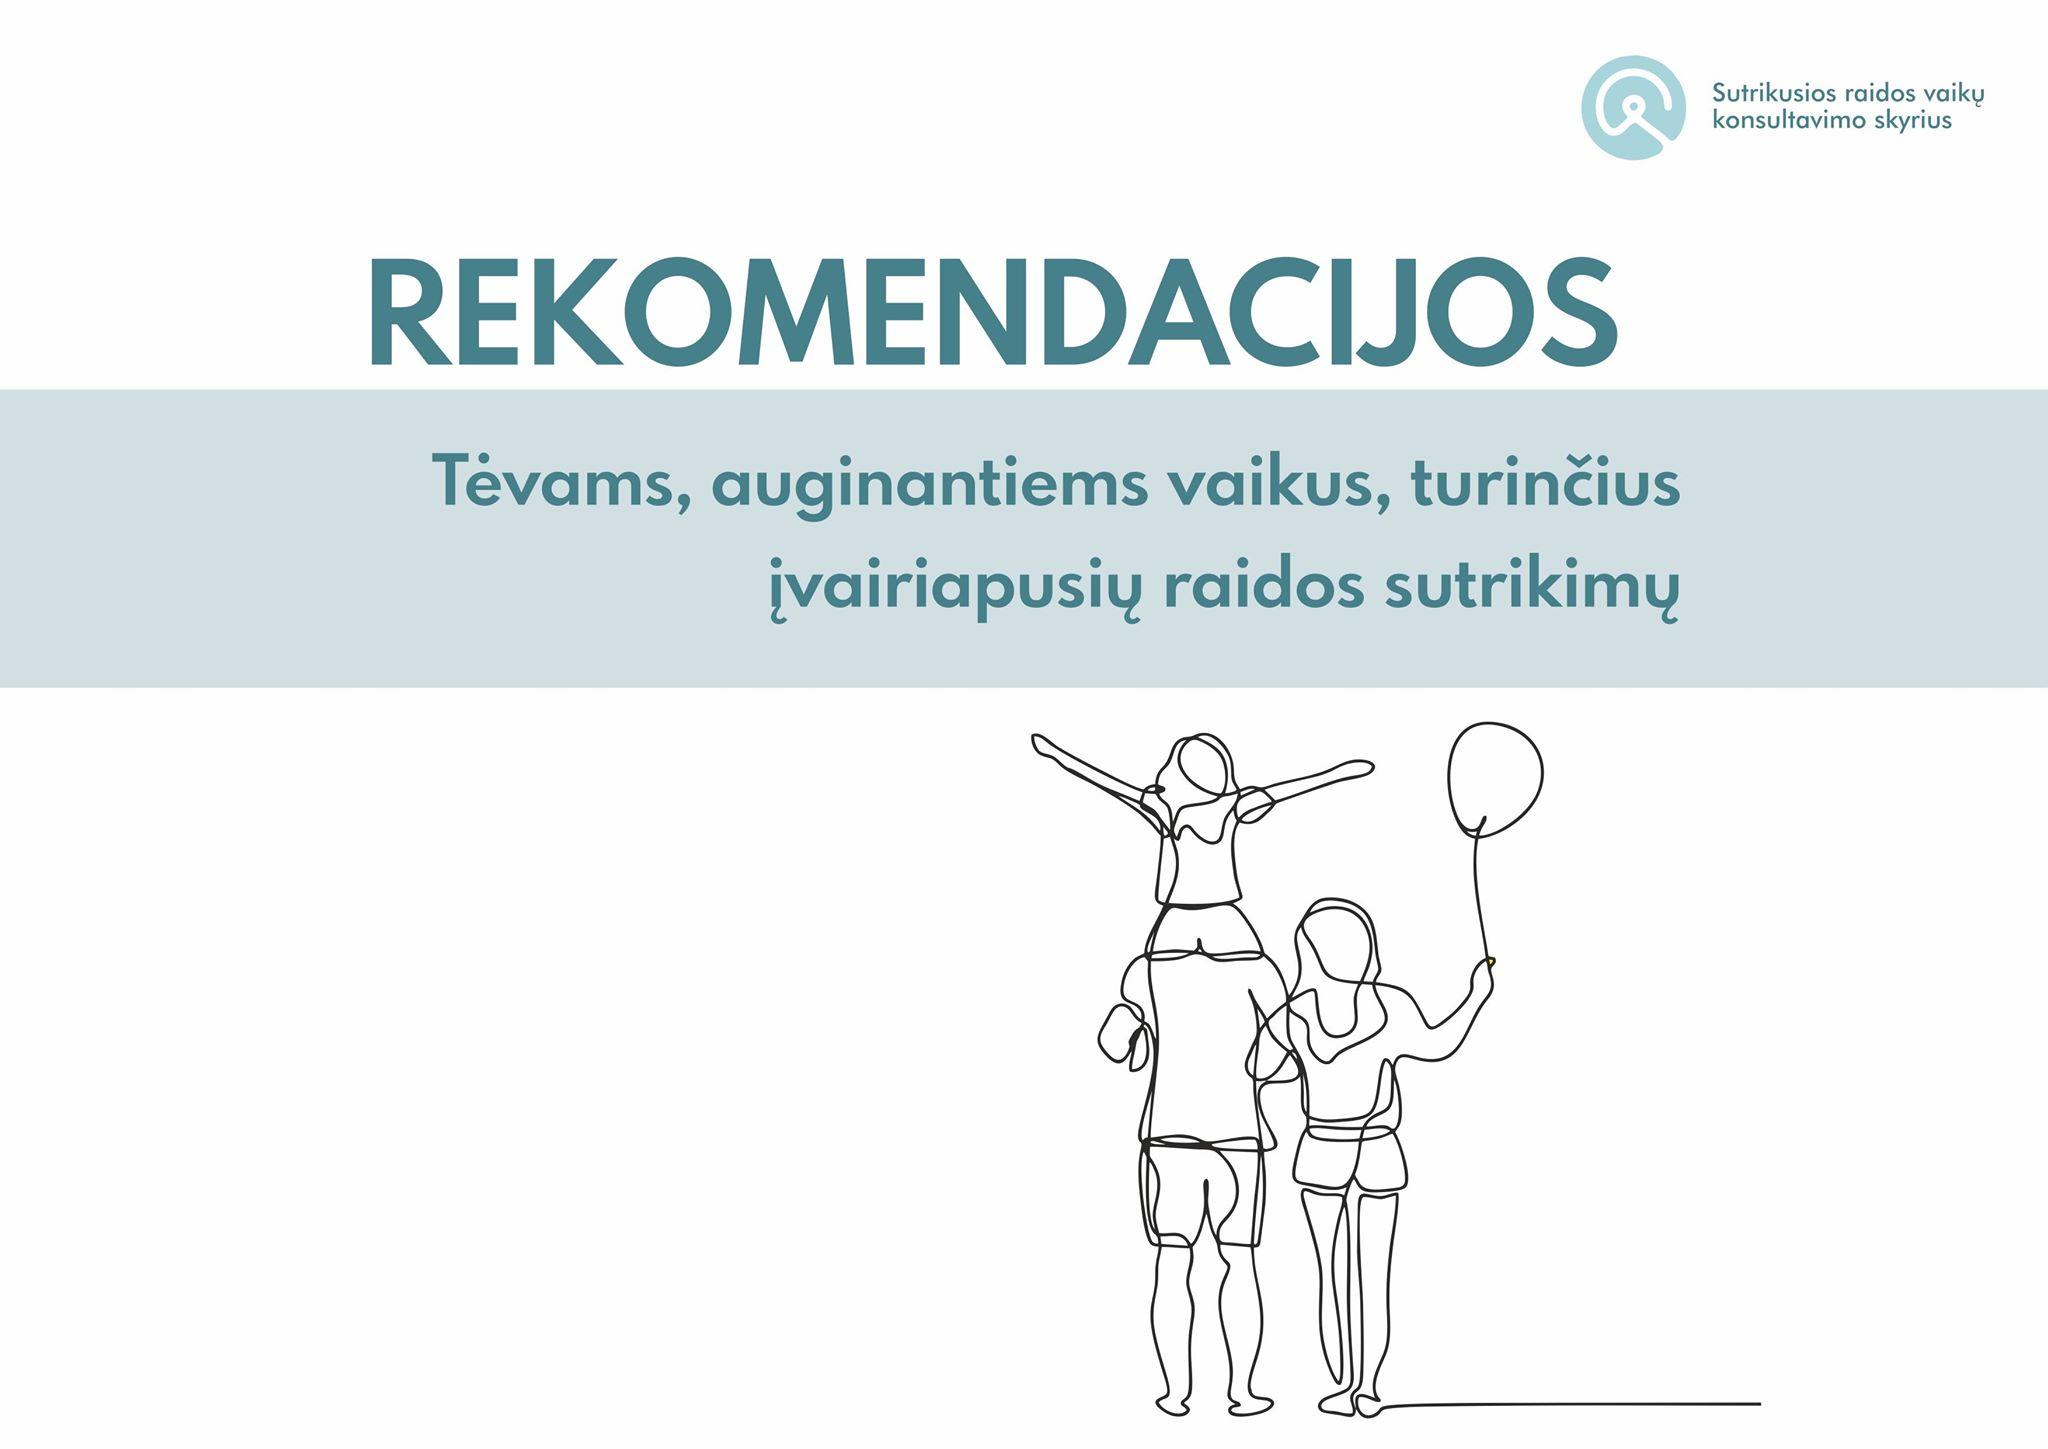 Rekomendacijos tėvams